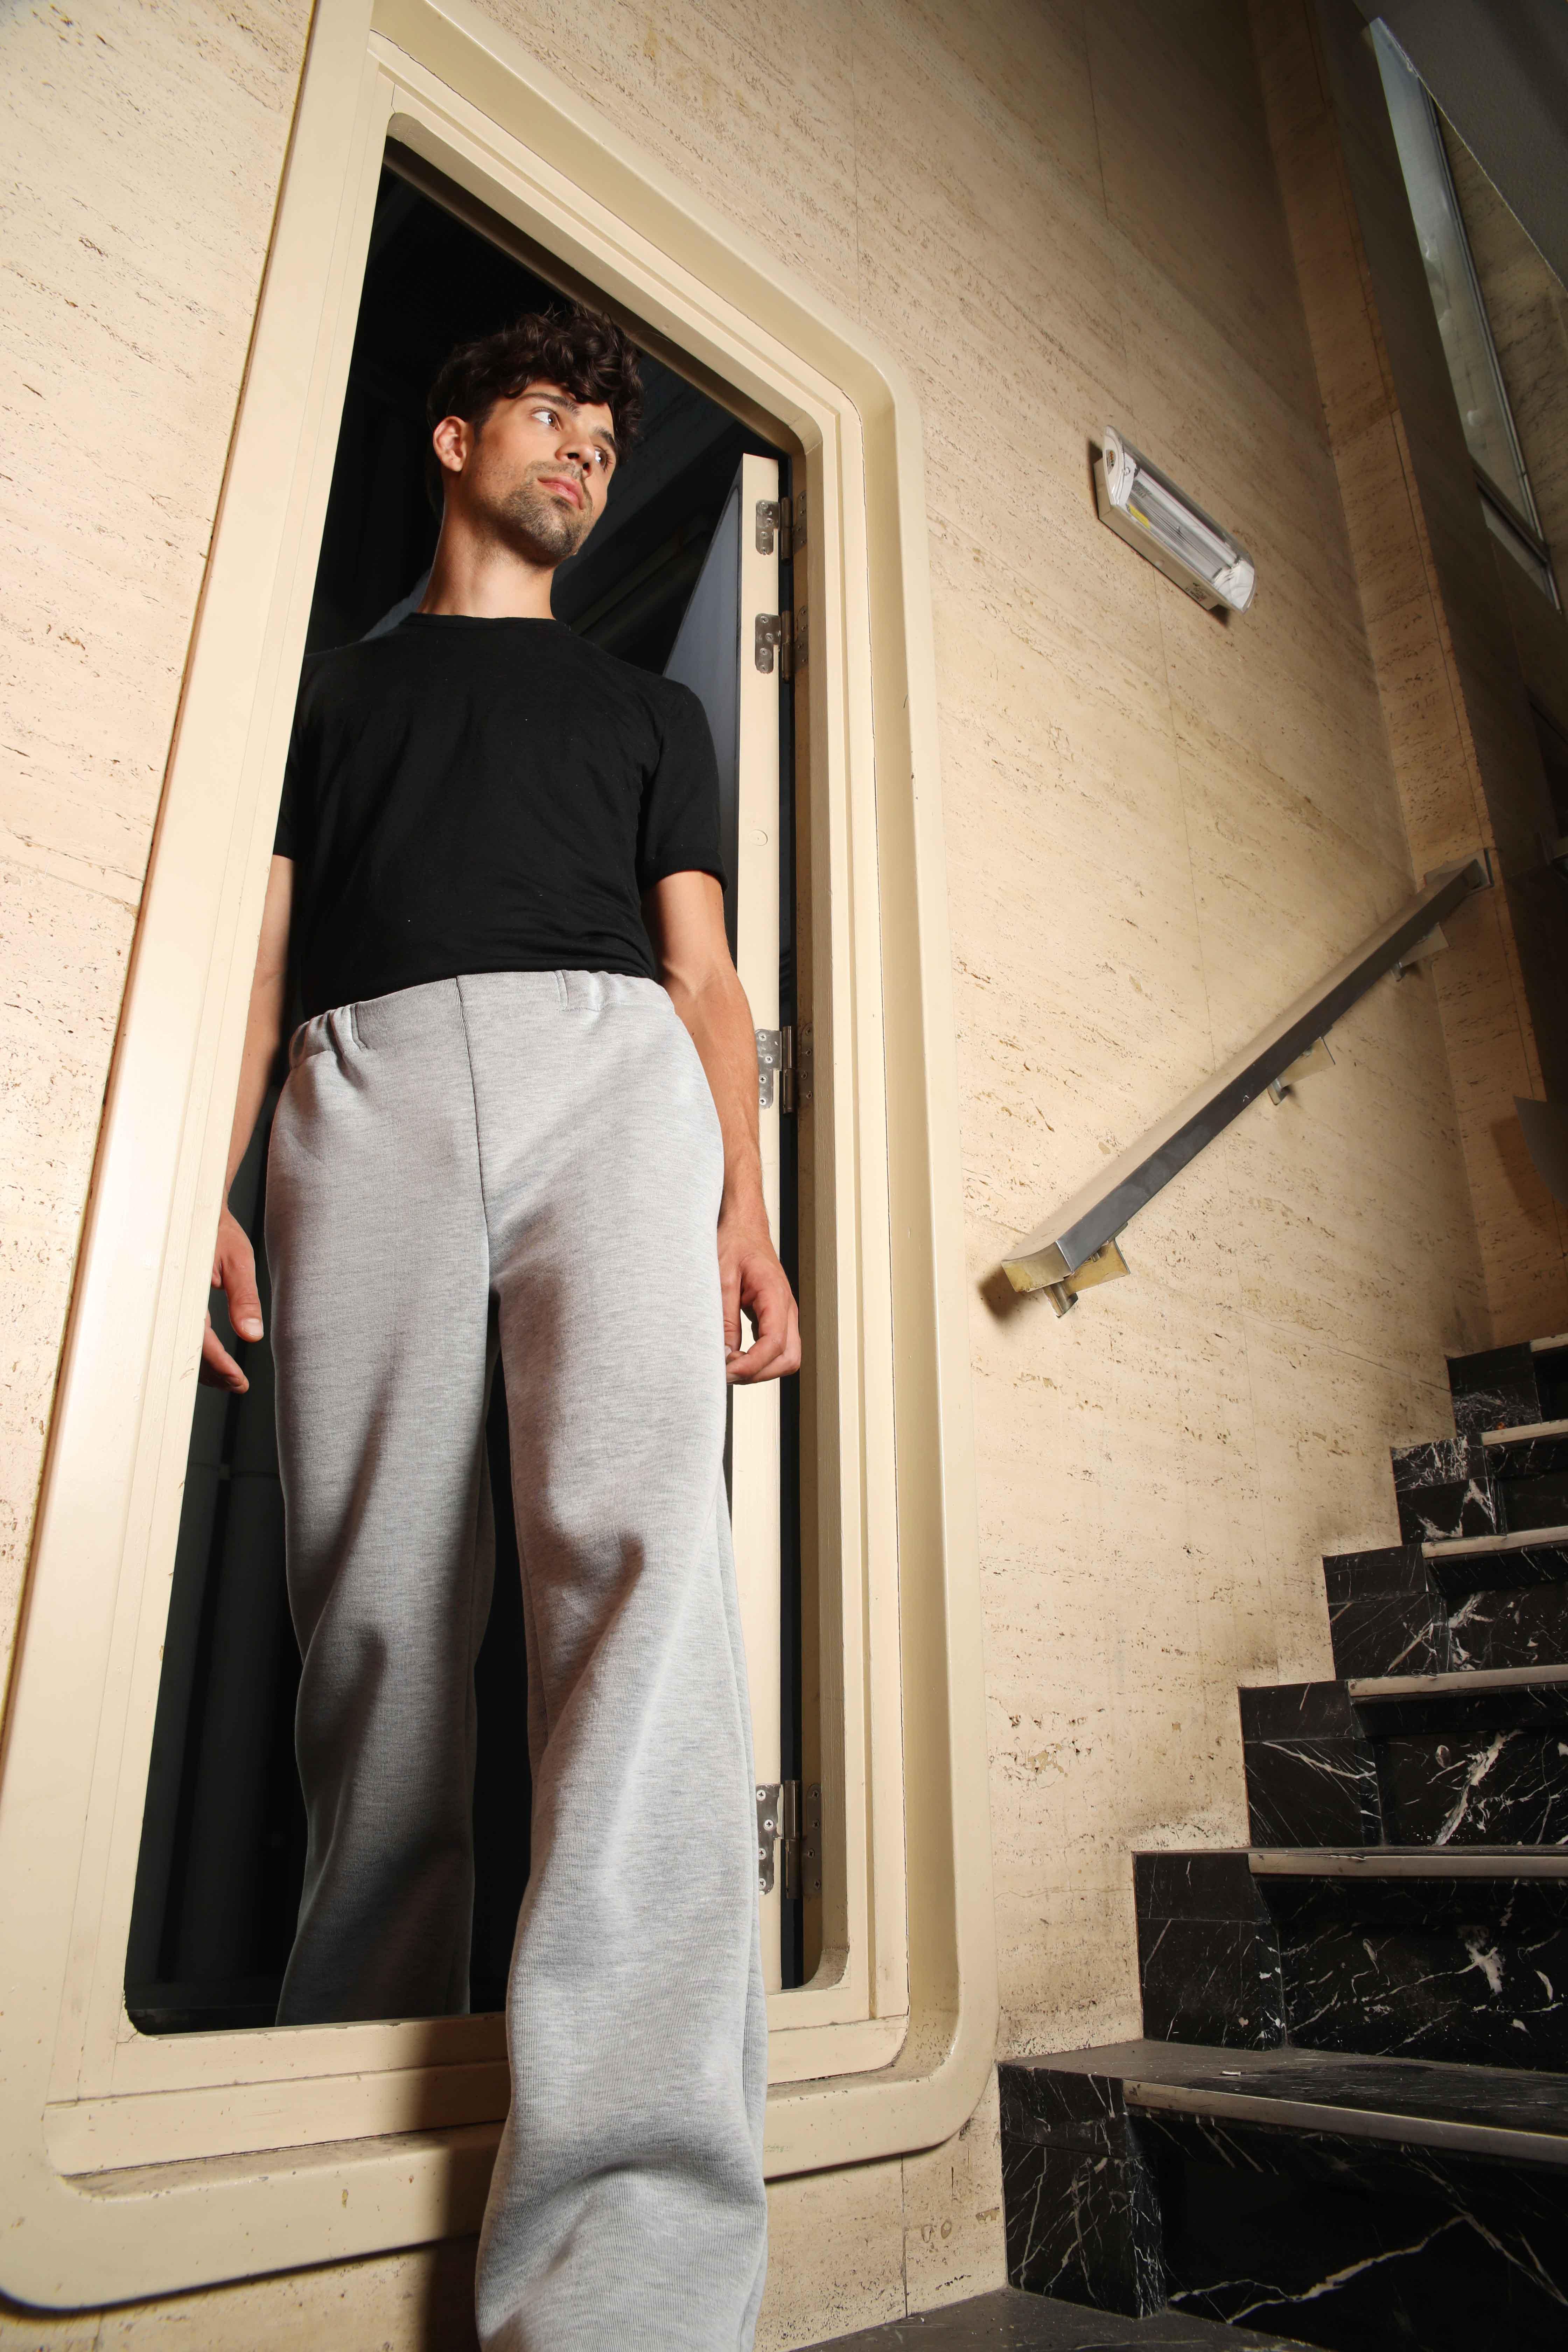 mode, sustainable, ecologisch, kleren, transparant, unisex, mannen, trousers, grijs, elastiek